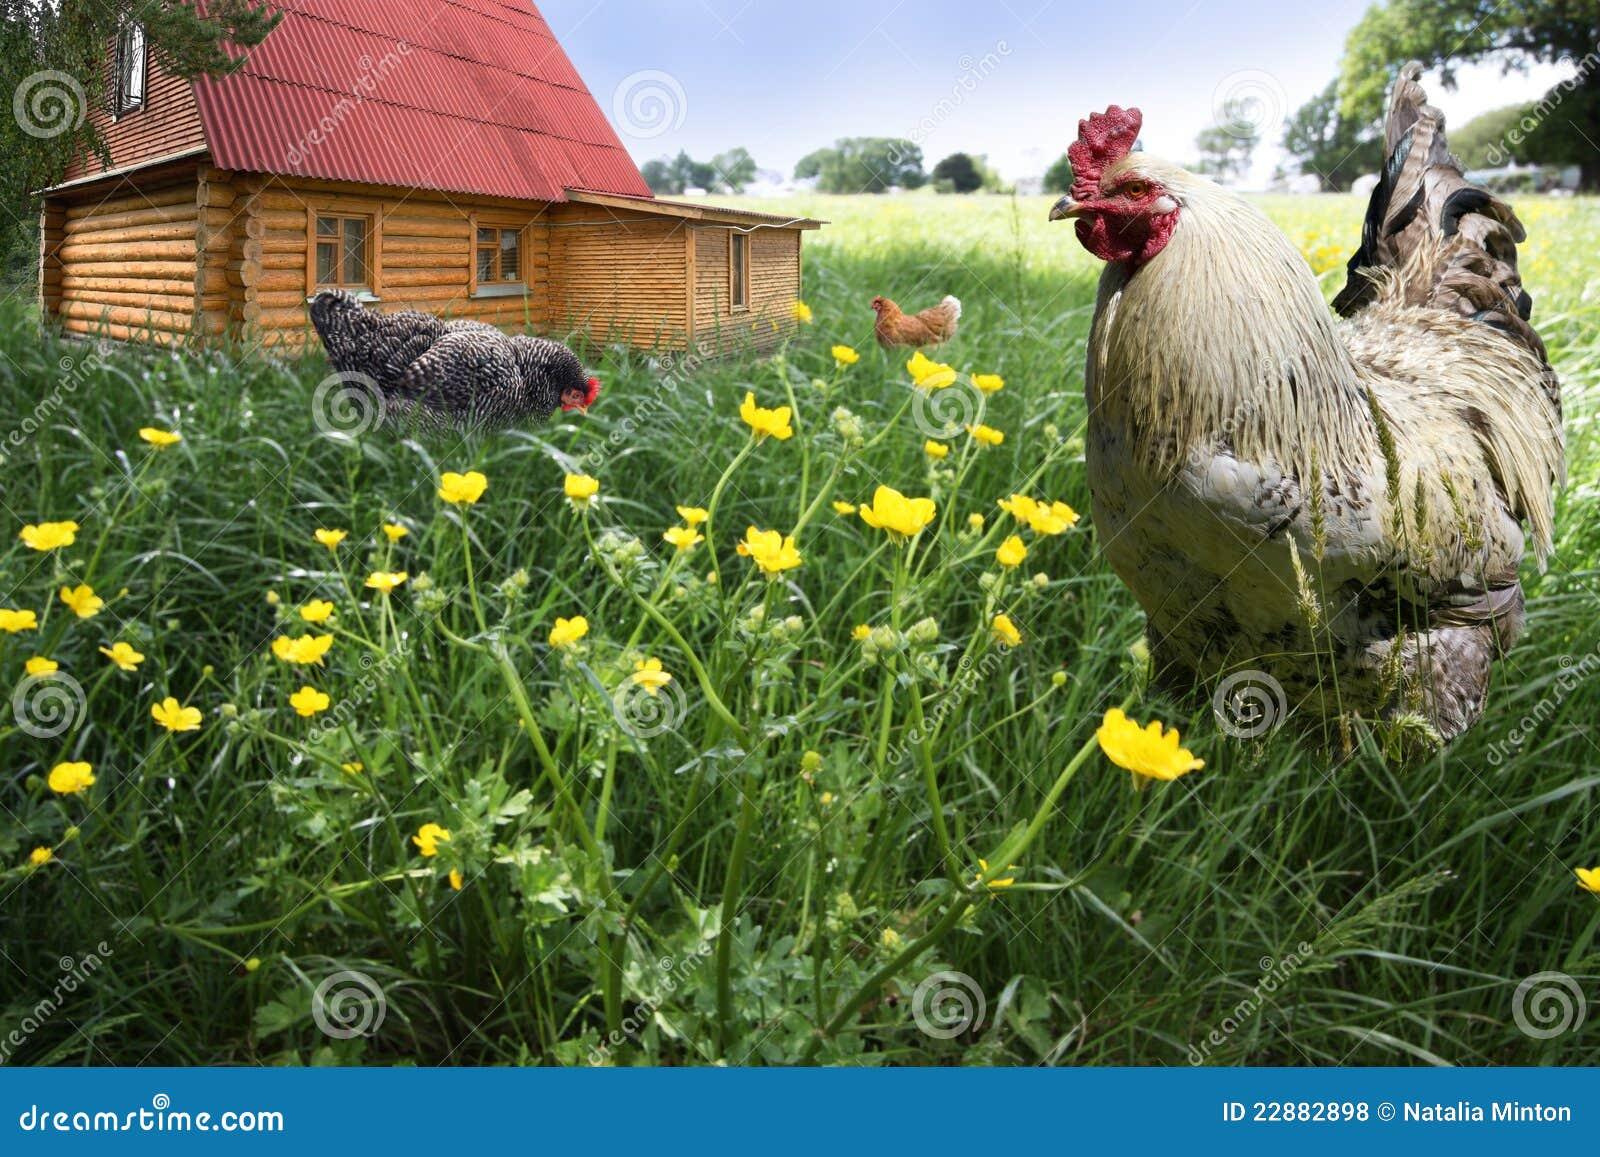 Gallo y gallinas libres del rango